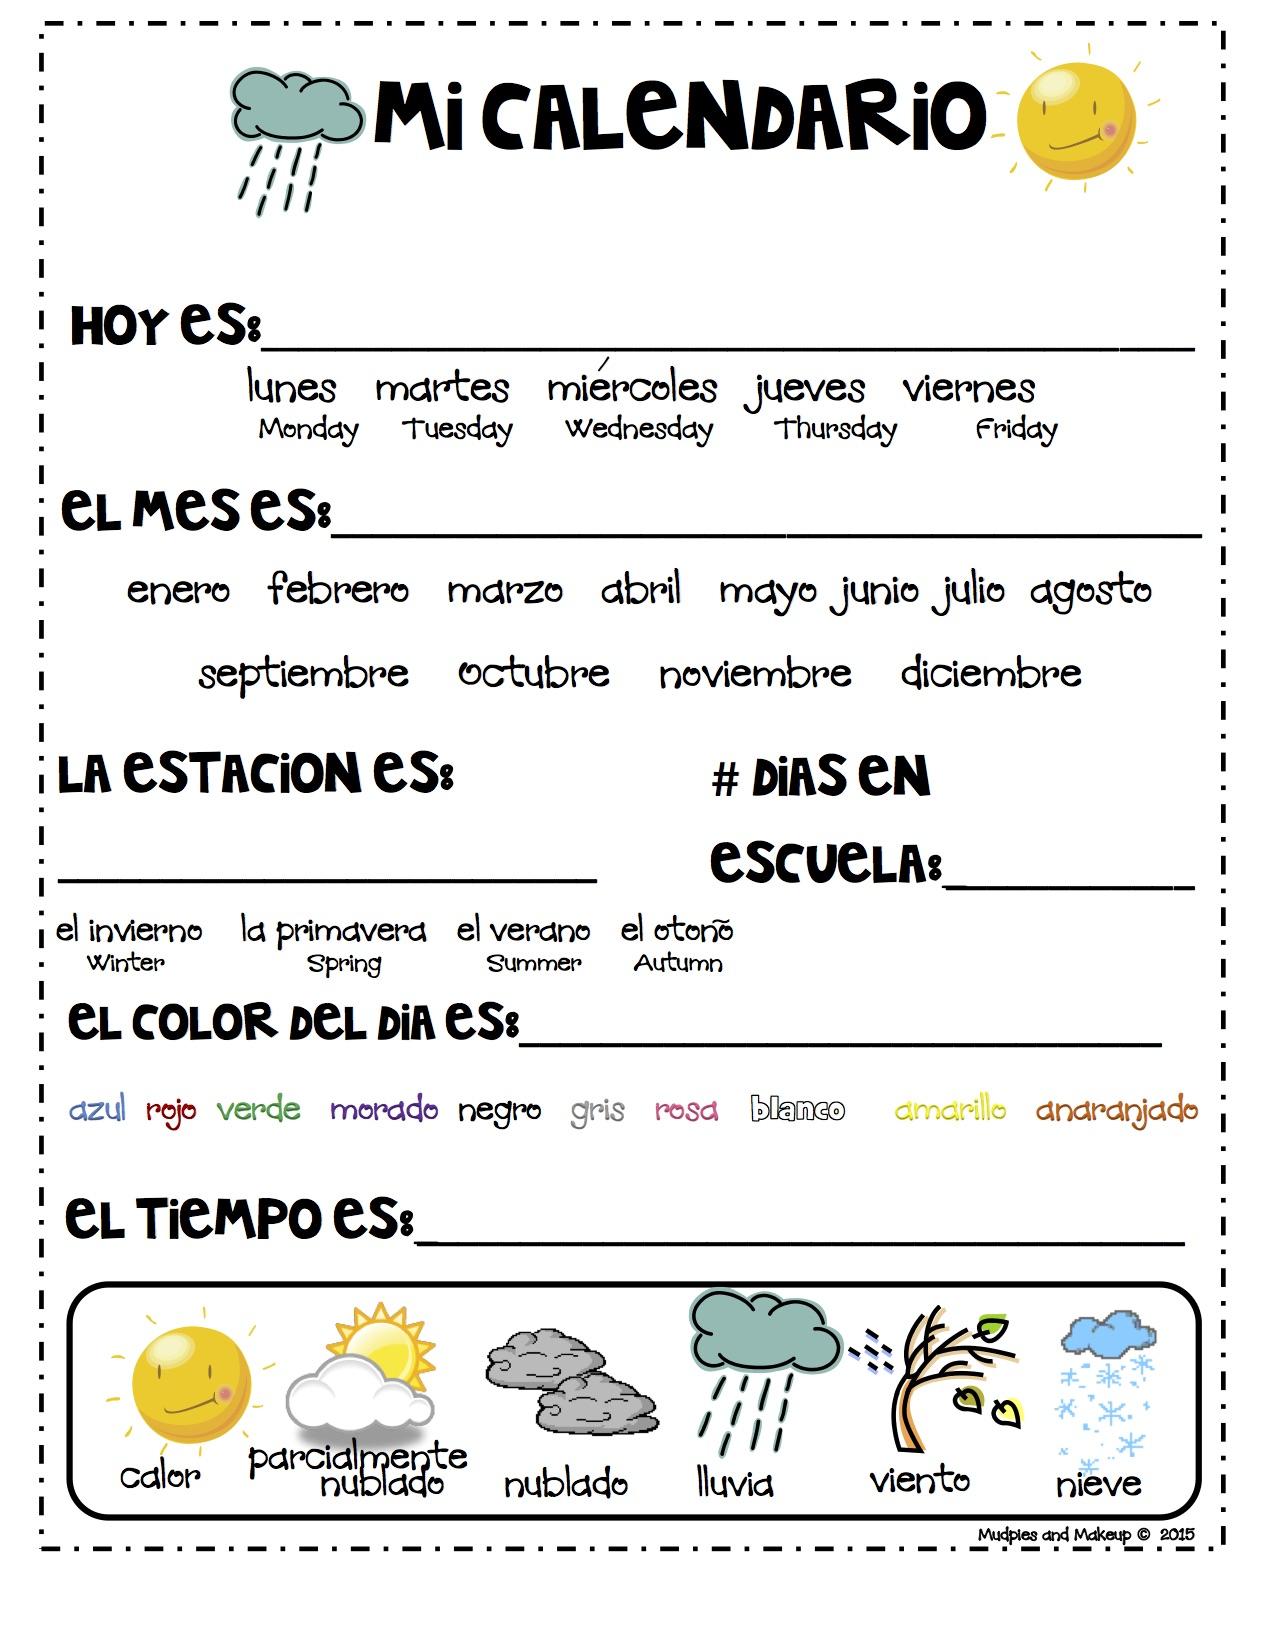 Trabjar Calendario En Ingles Y Espanol